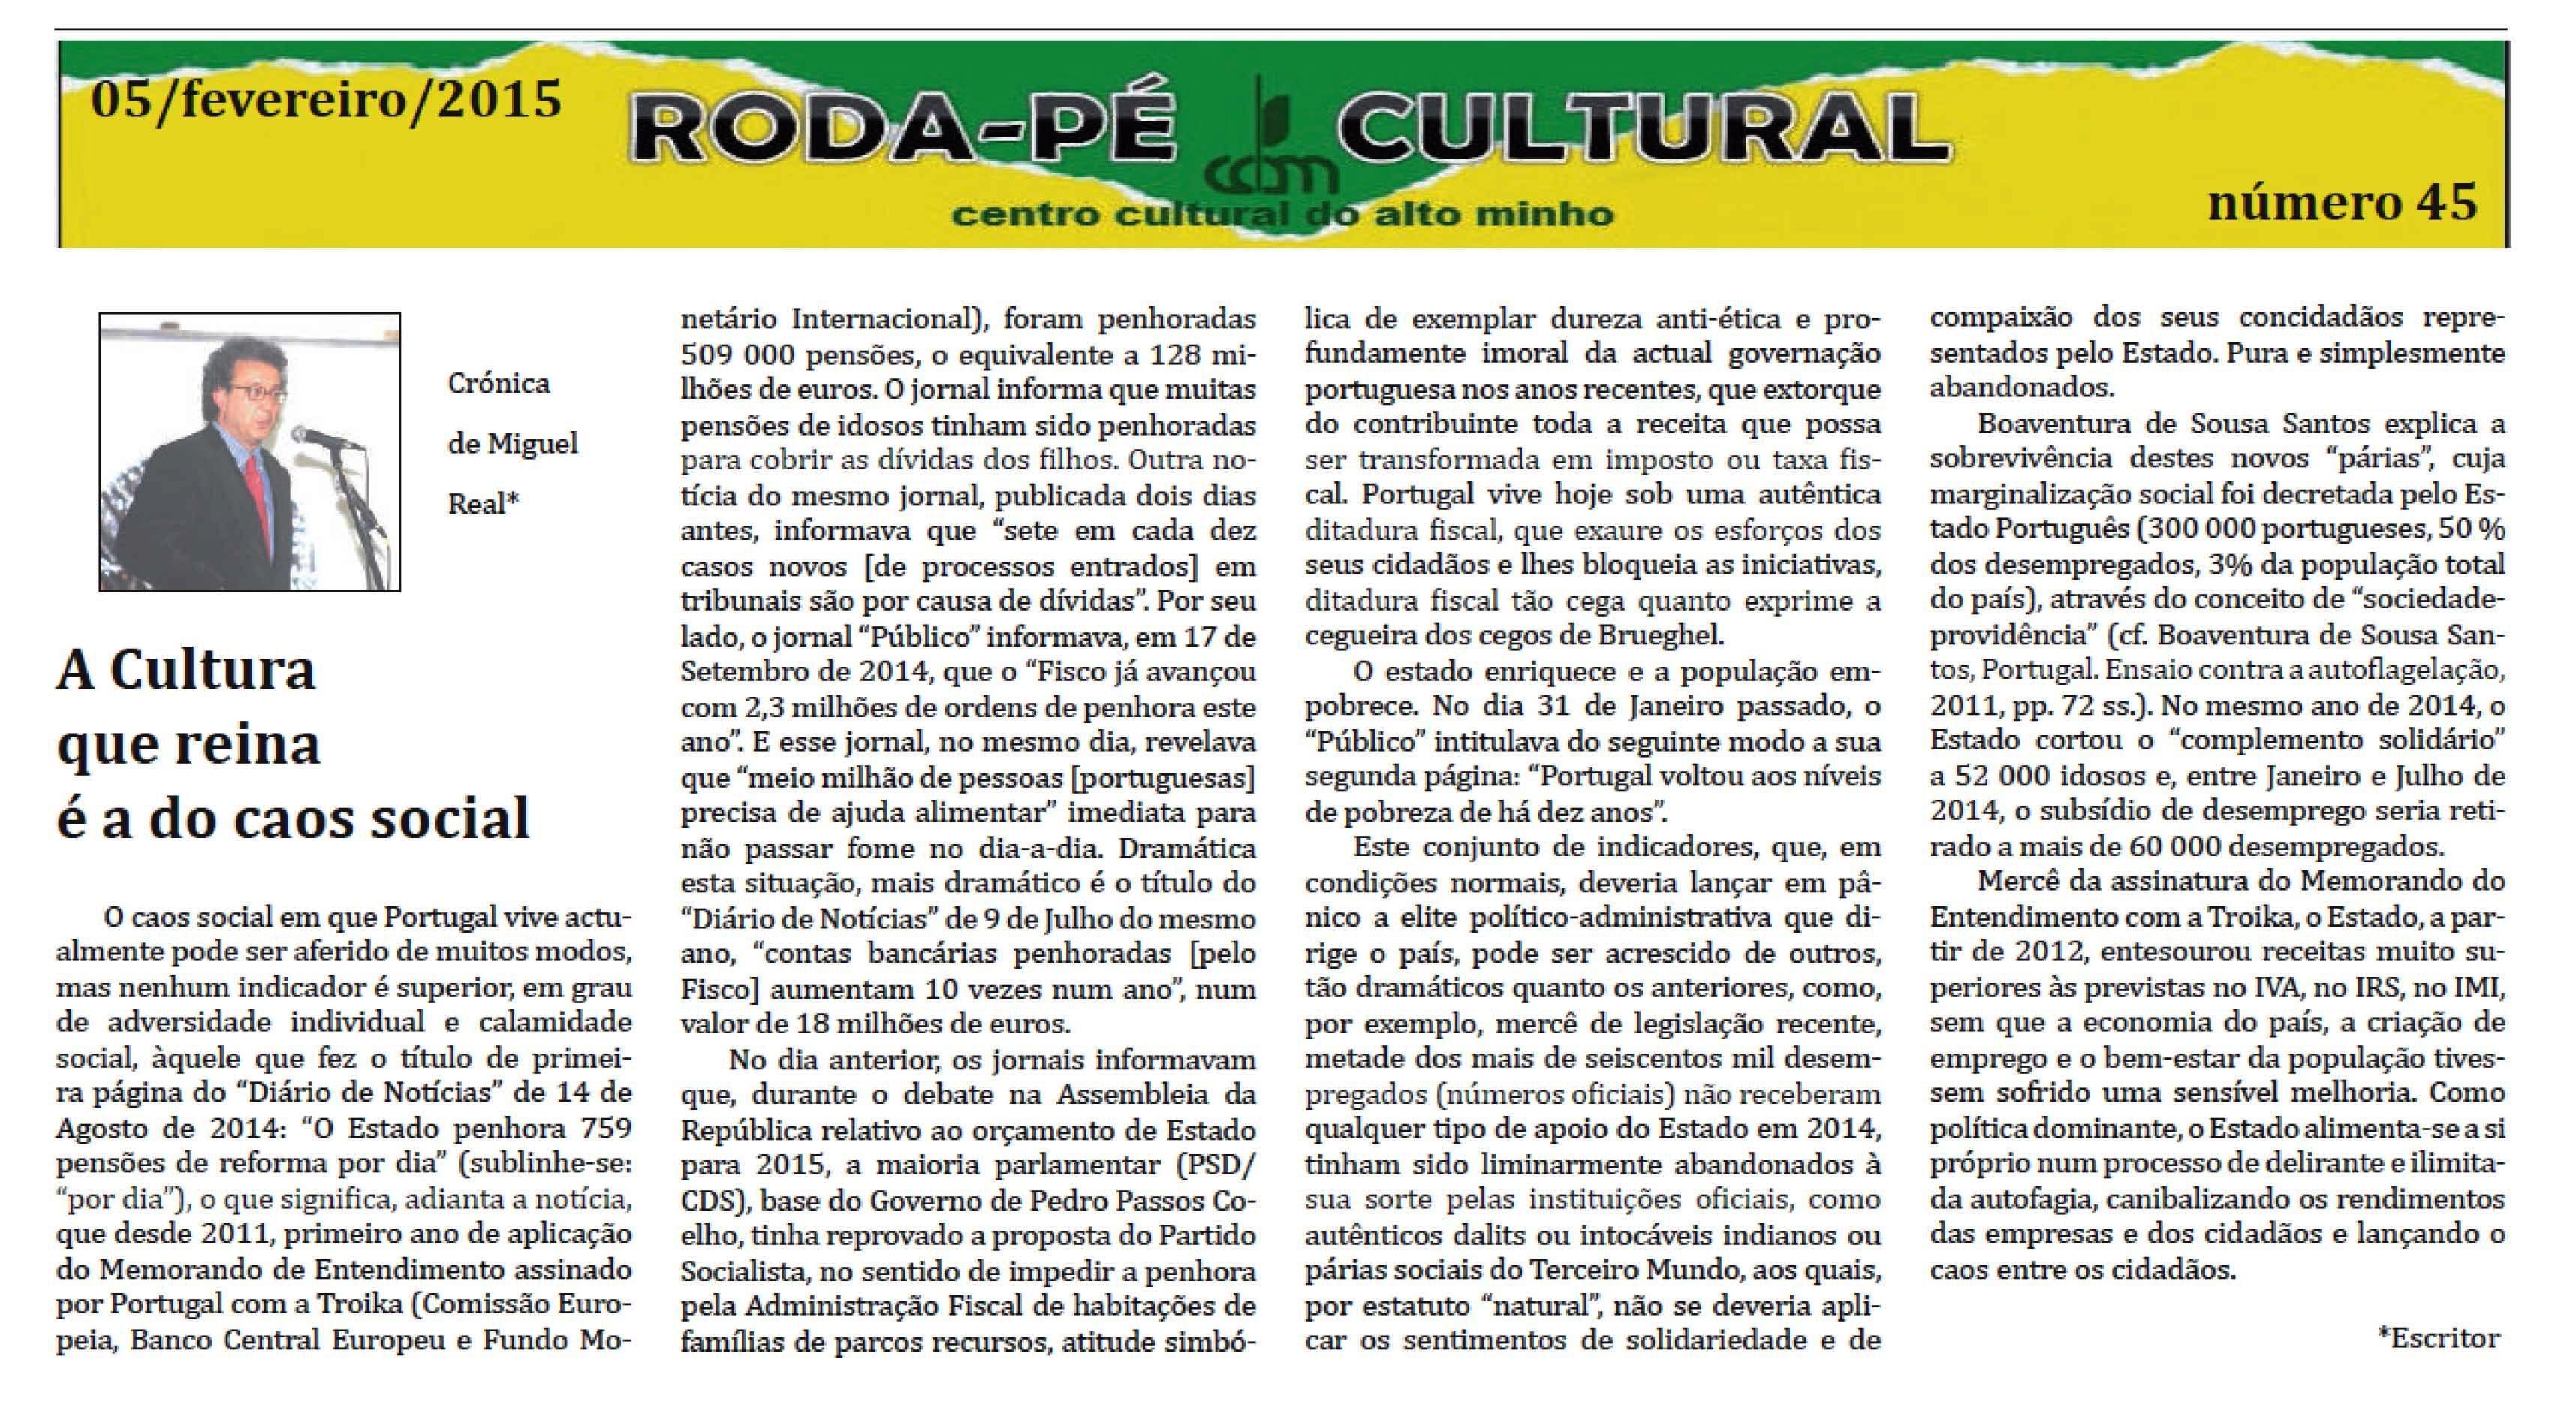 https://sites.google.com/a/centroculturaldoaltominho.org/ccam/actividades-realizadas/2015/Rp_45.jpg